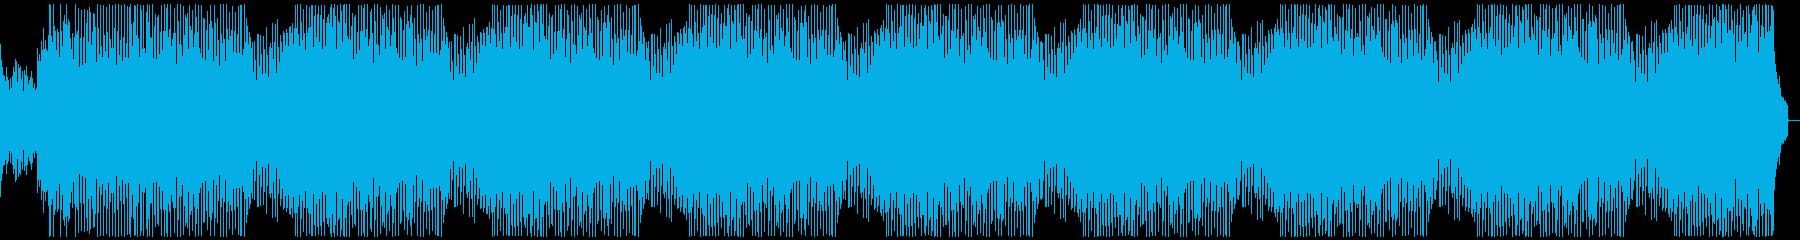 力強く爽やか、説明、紹介、企業VP10分の再生済みの波形